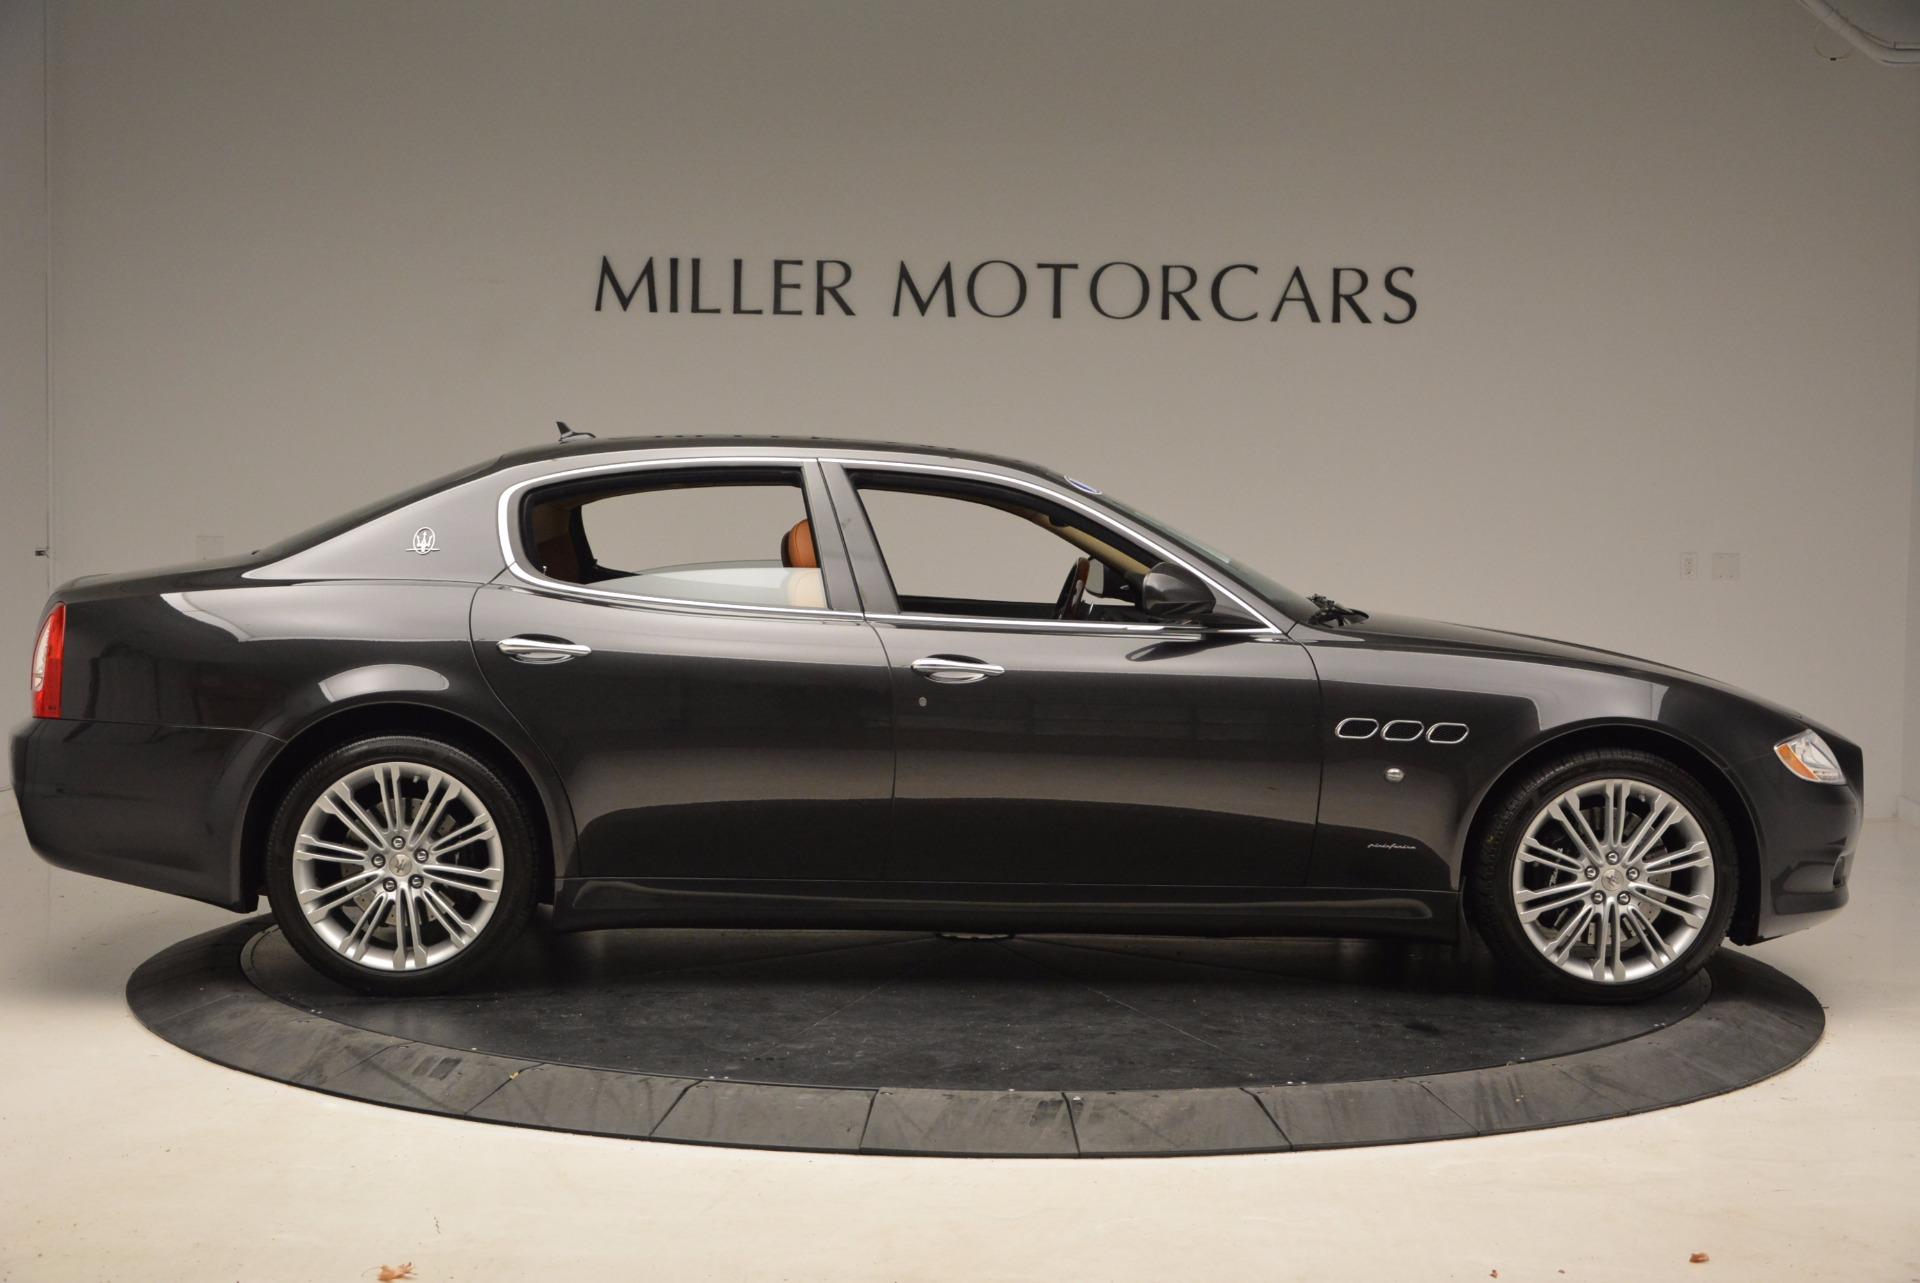 Used 2010 Maserati Quattroporte S For Sale In Greenwich, CT 1551_p9